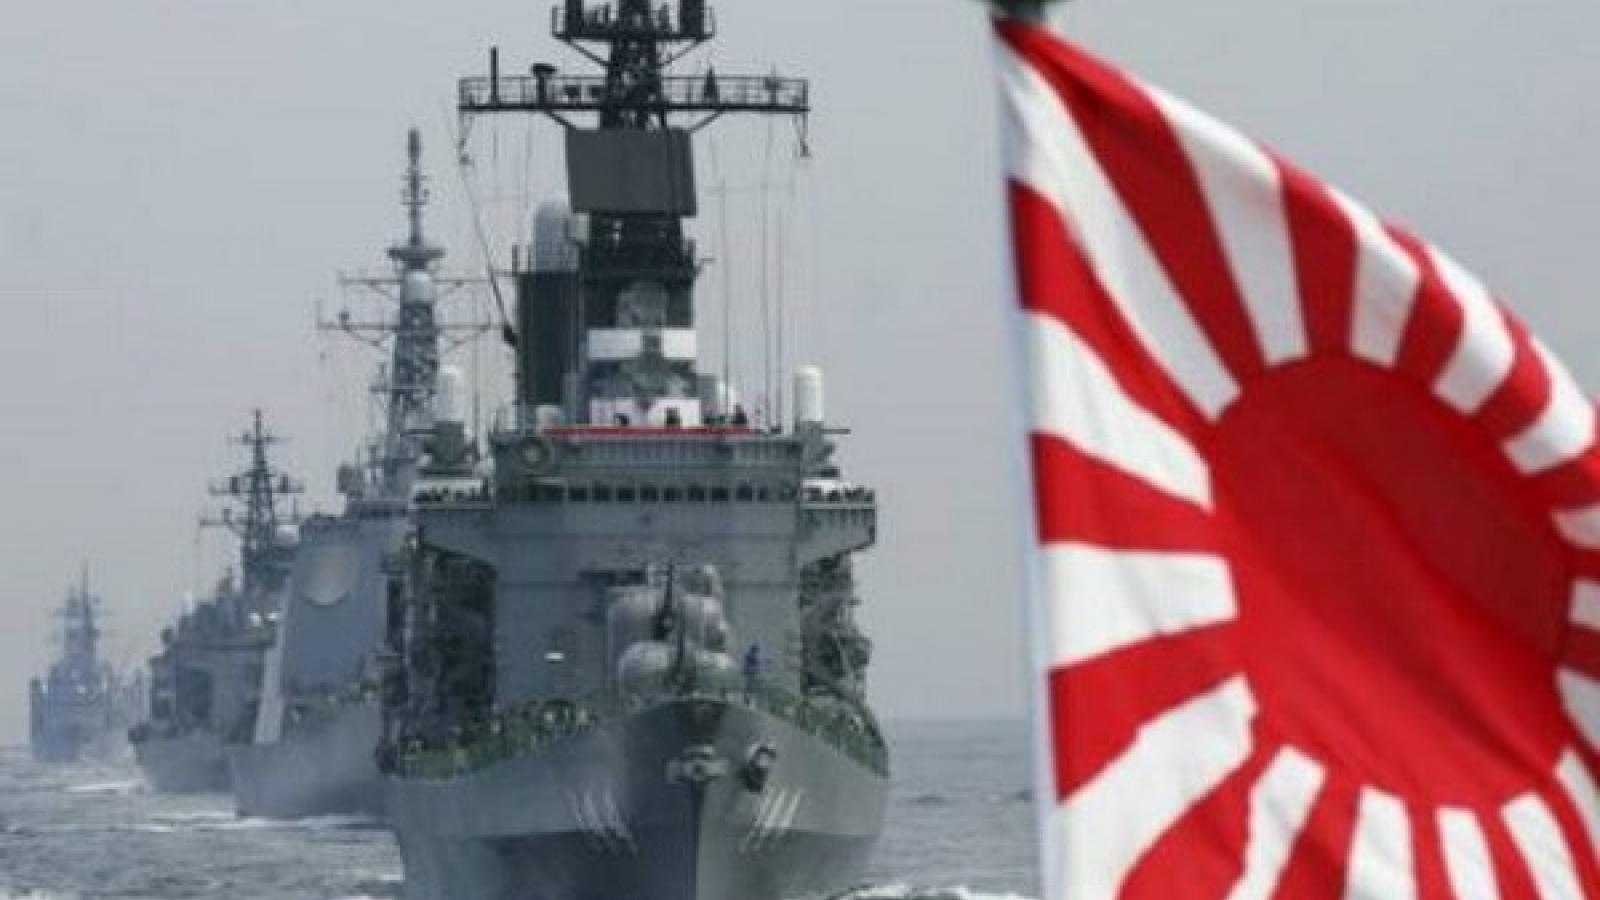 Đảng cầm quyền Nhật Bản đưa ra cam kết chưa từng có tiền lệ về ngân sách quốc phòng